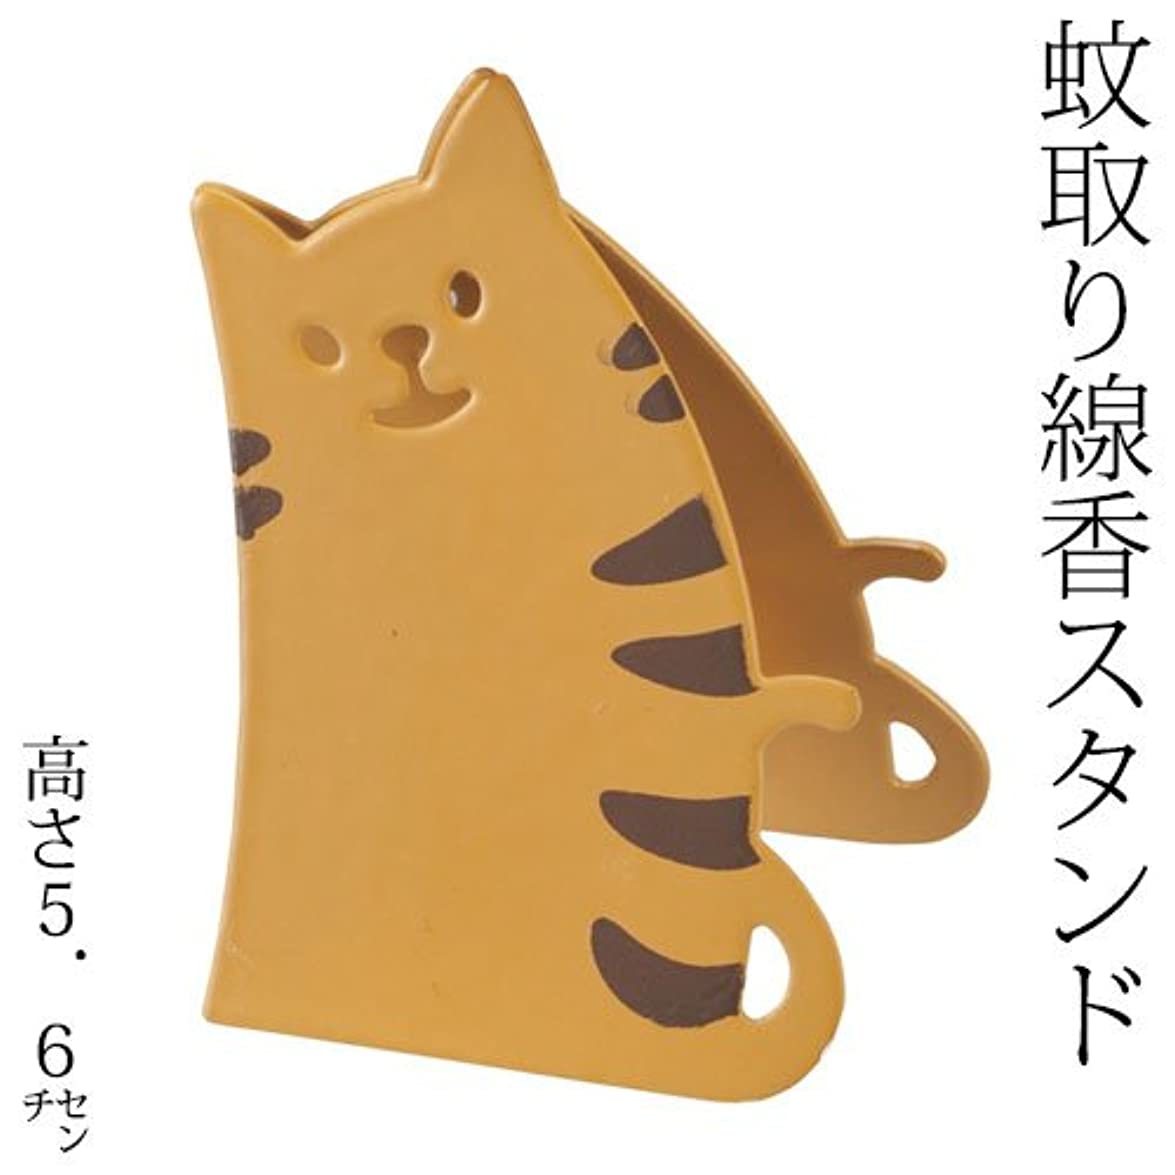 ハリウッドラベ粘土DECOLE蚊取り線香クリップスタンドトラ猫 (SK-13936)Mosquito coil clip stand